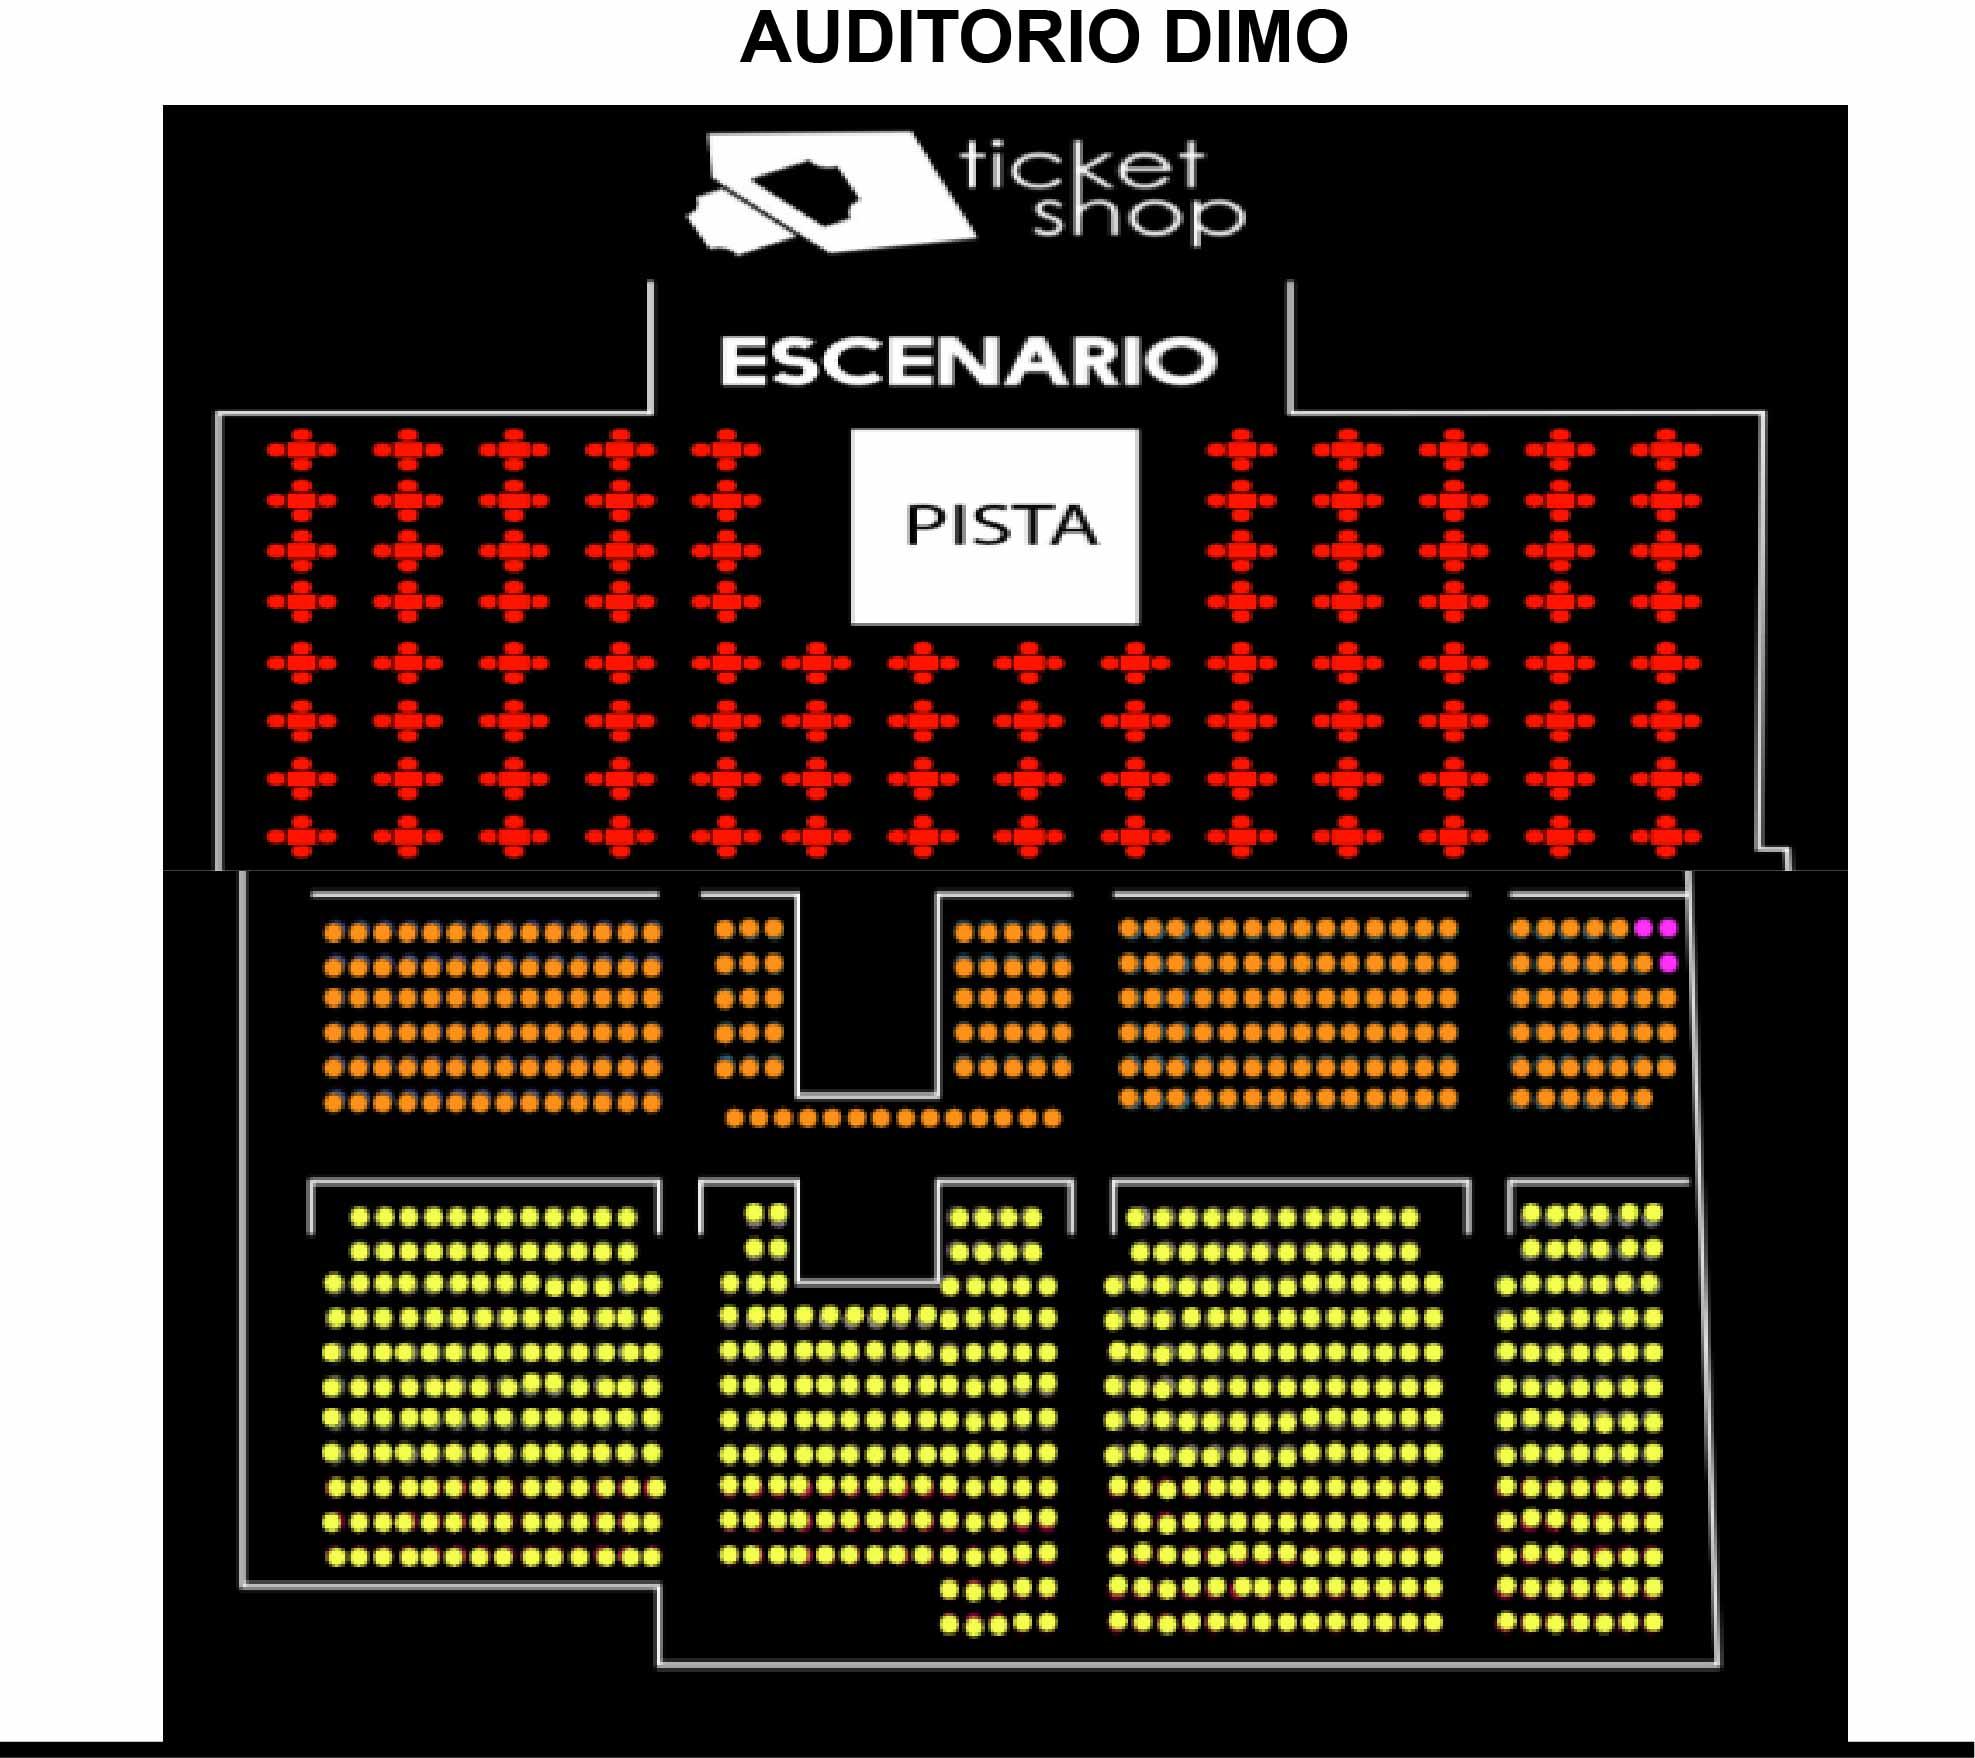 AUDITORIO_DIMO_mesas